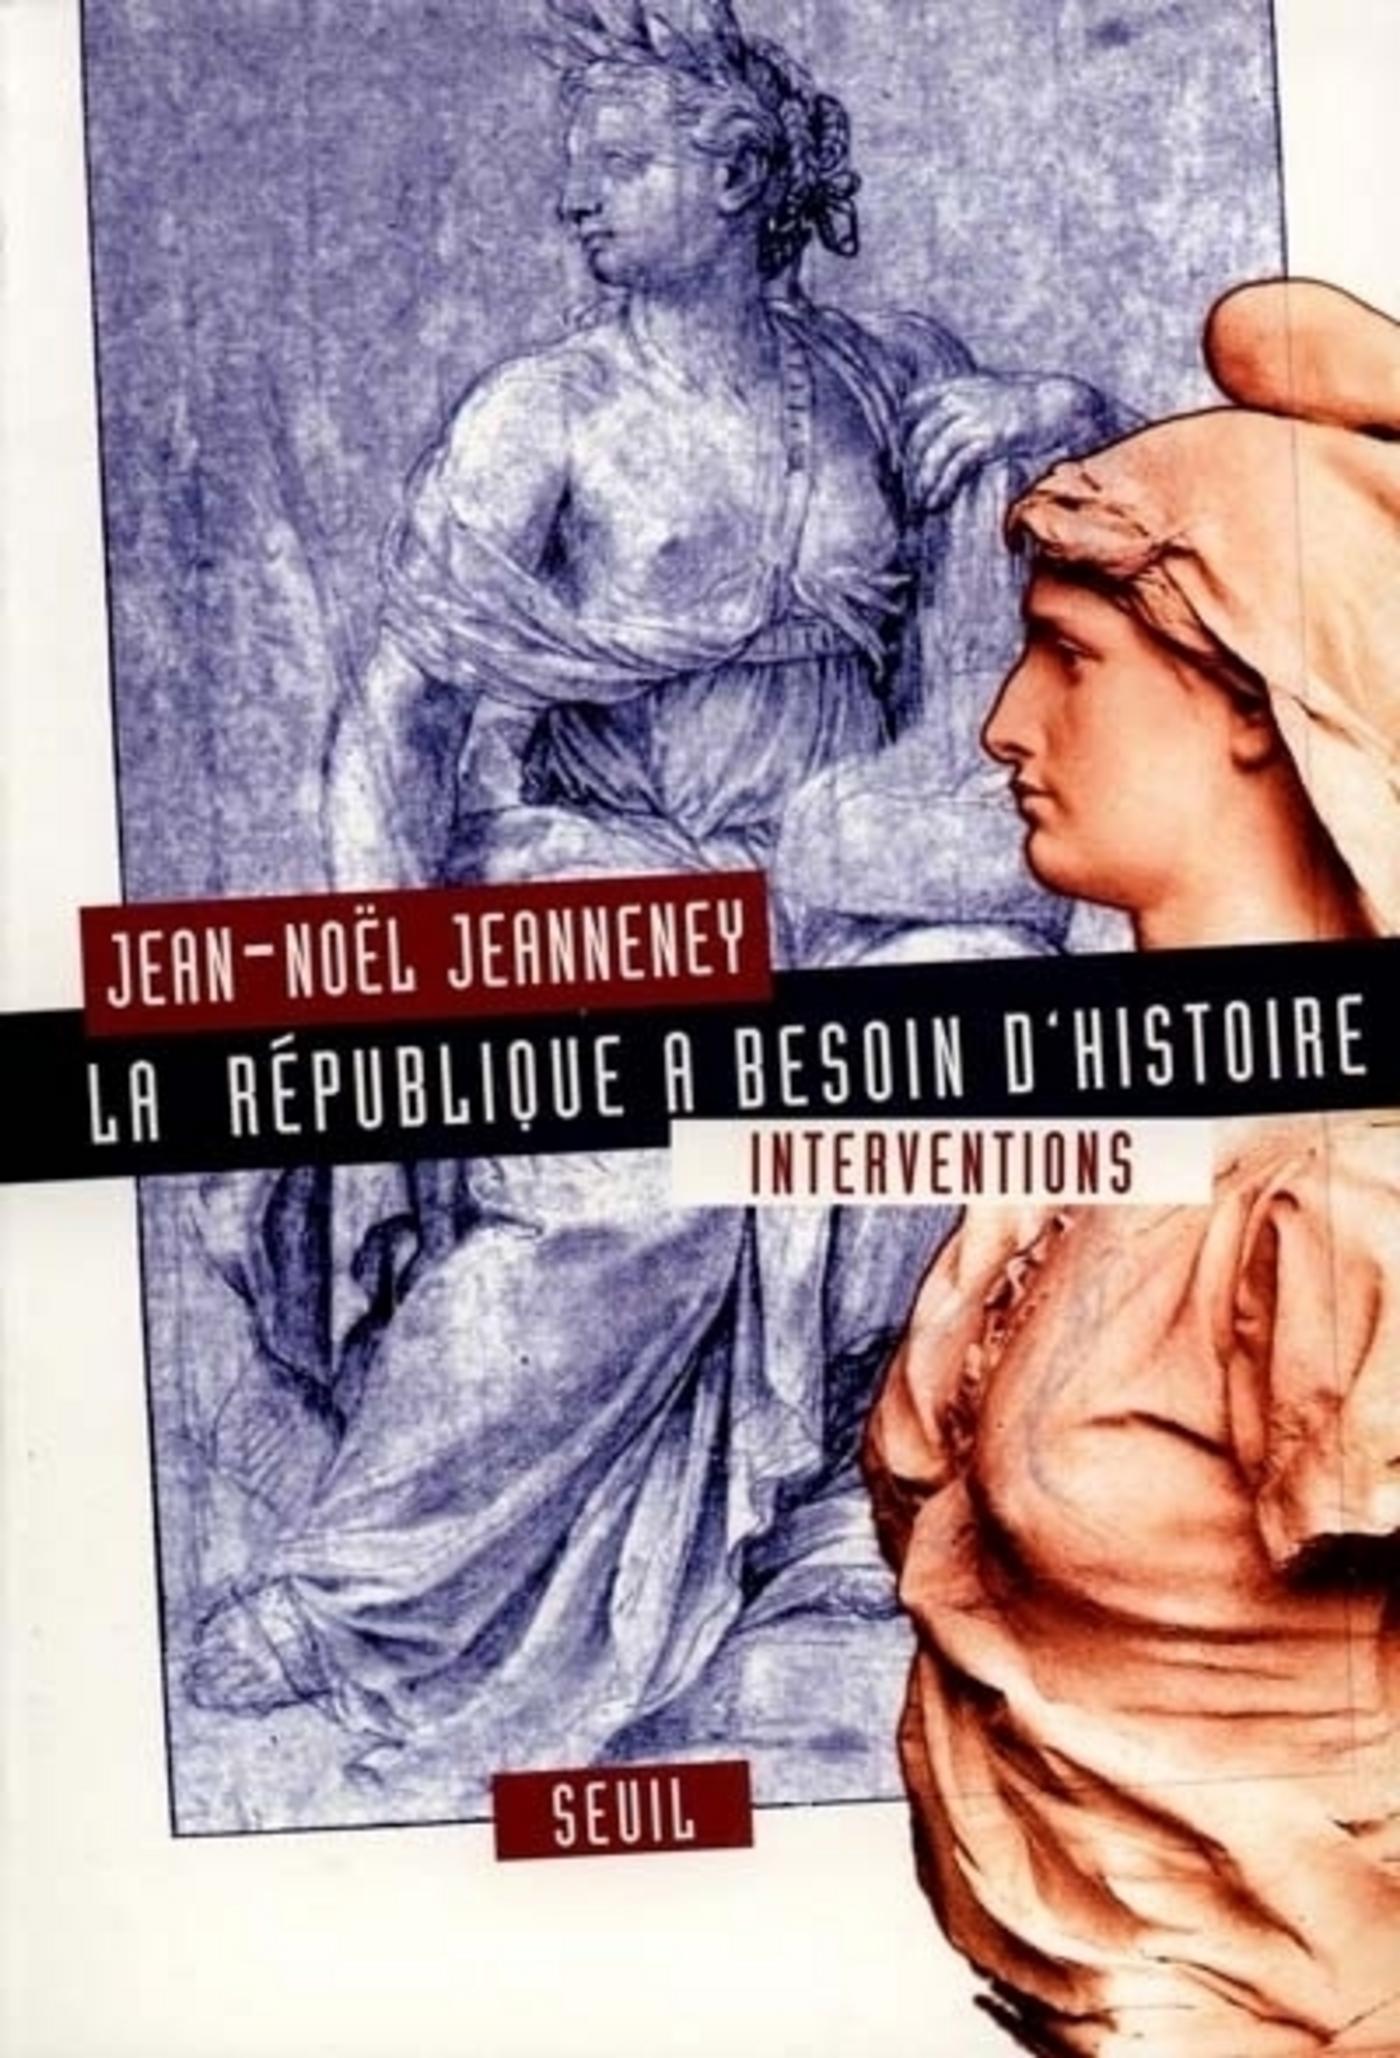 La République a besoin d'Histoire. Interventions